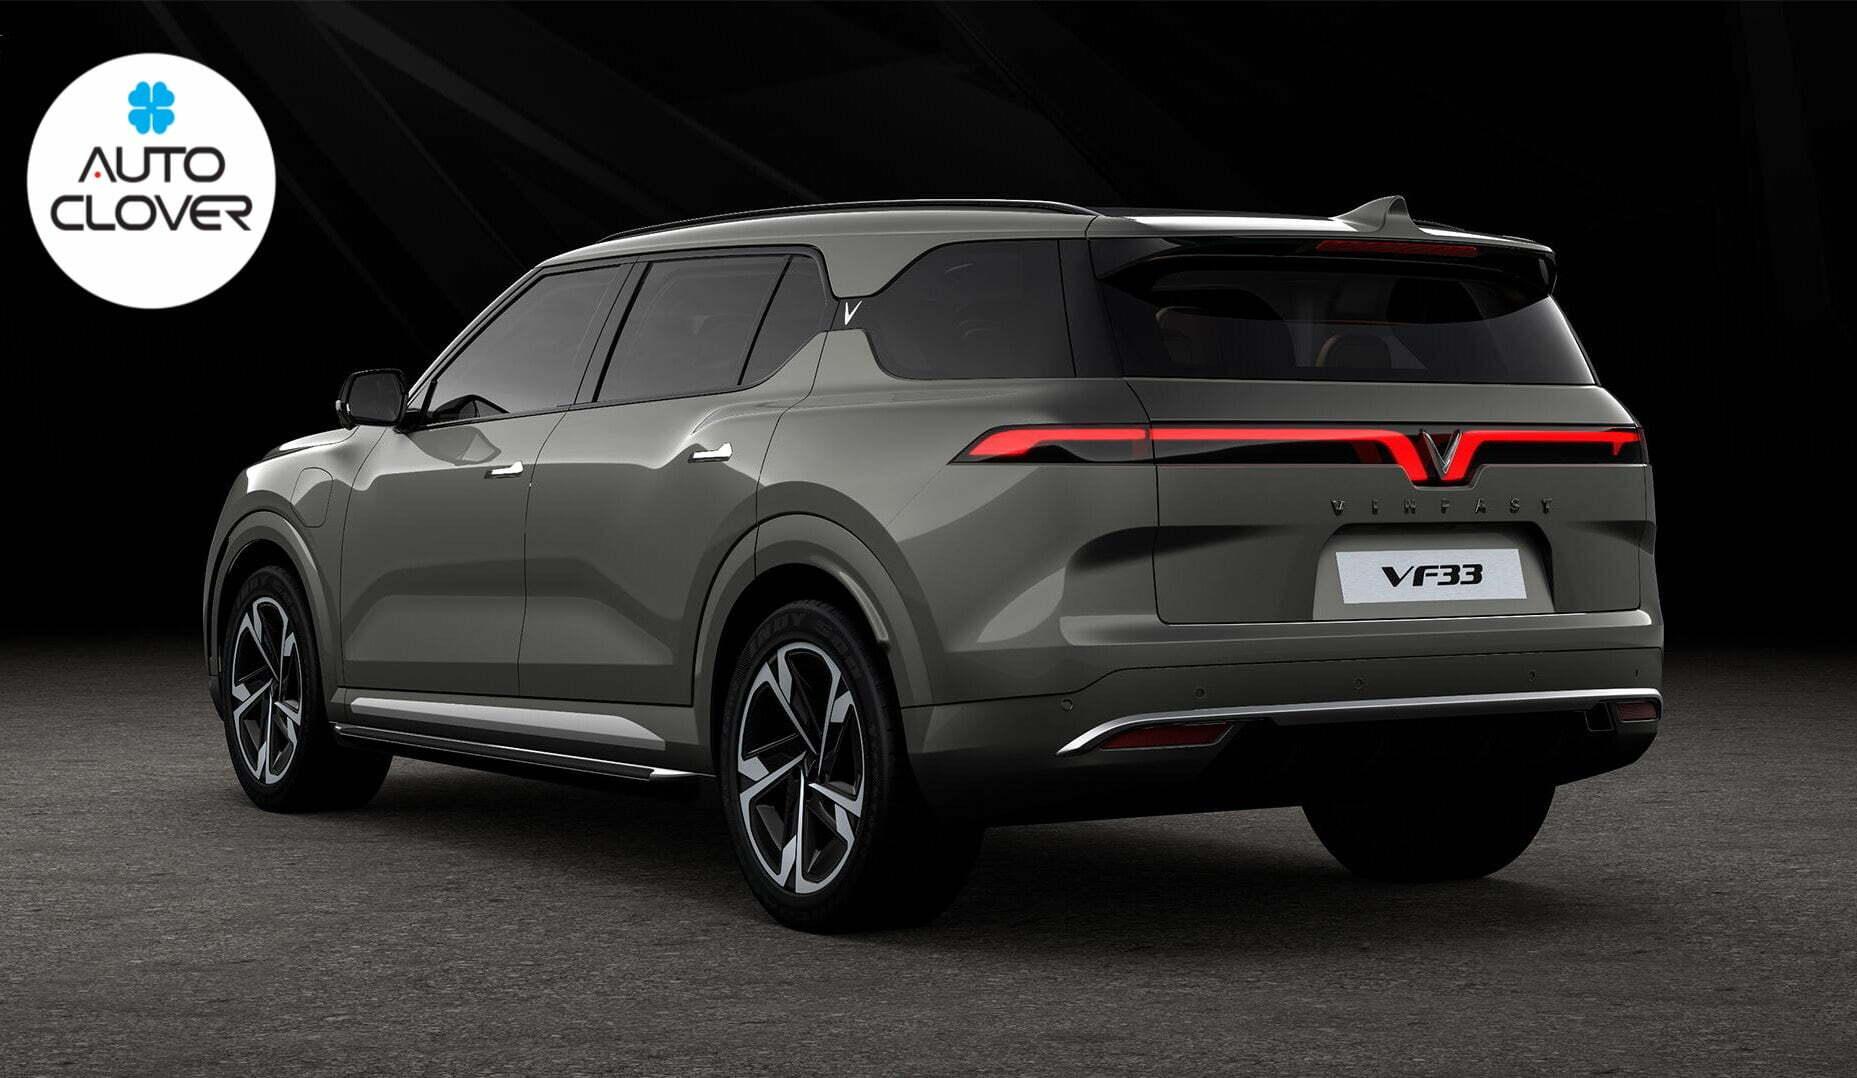 SUV cỡ lớn Vinfast VF33 có gì nổi bật để khiến các đối thủ nóng mặt